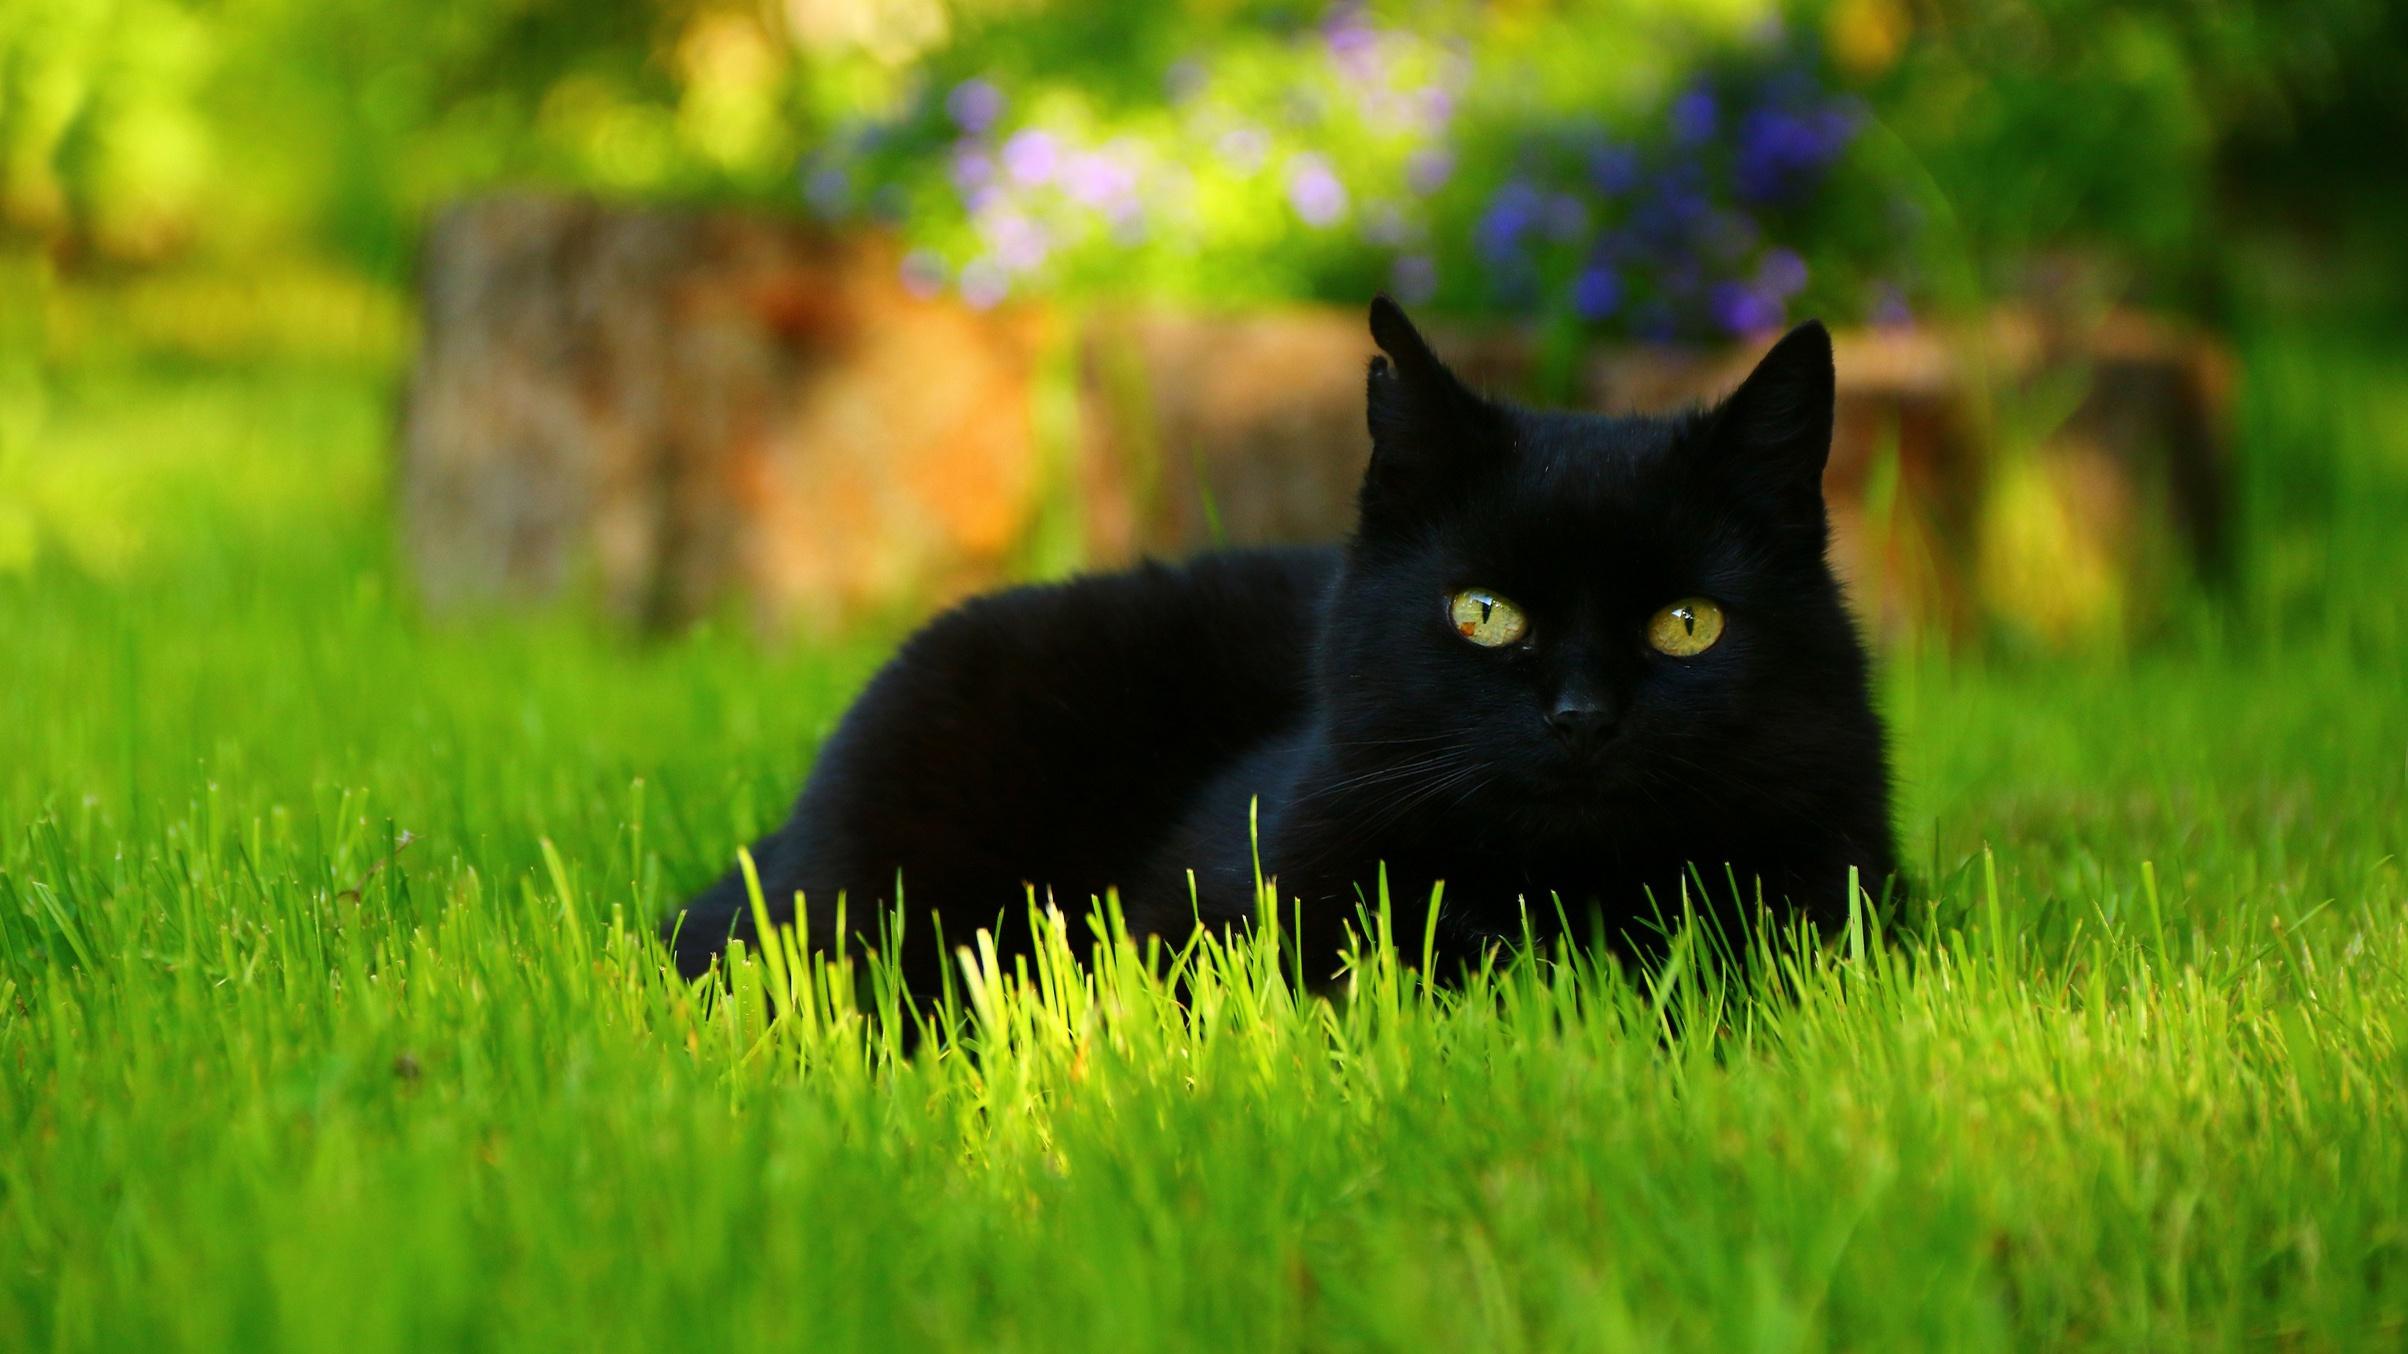 природа животные кот котенок черный  № 654394 бесплатно